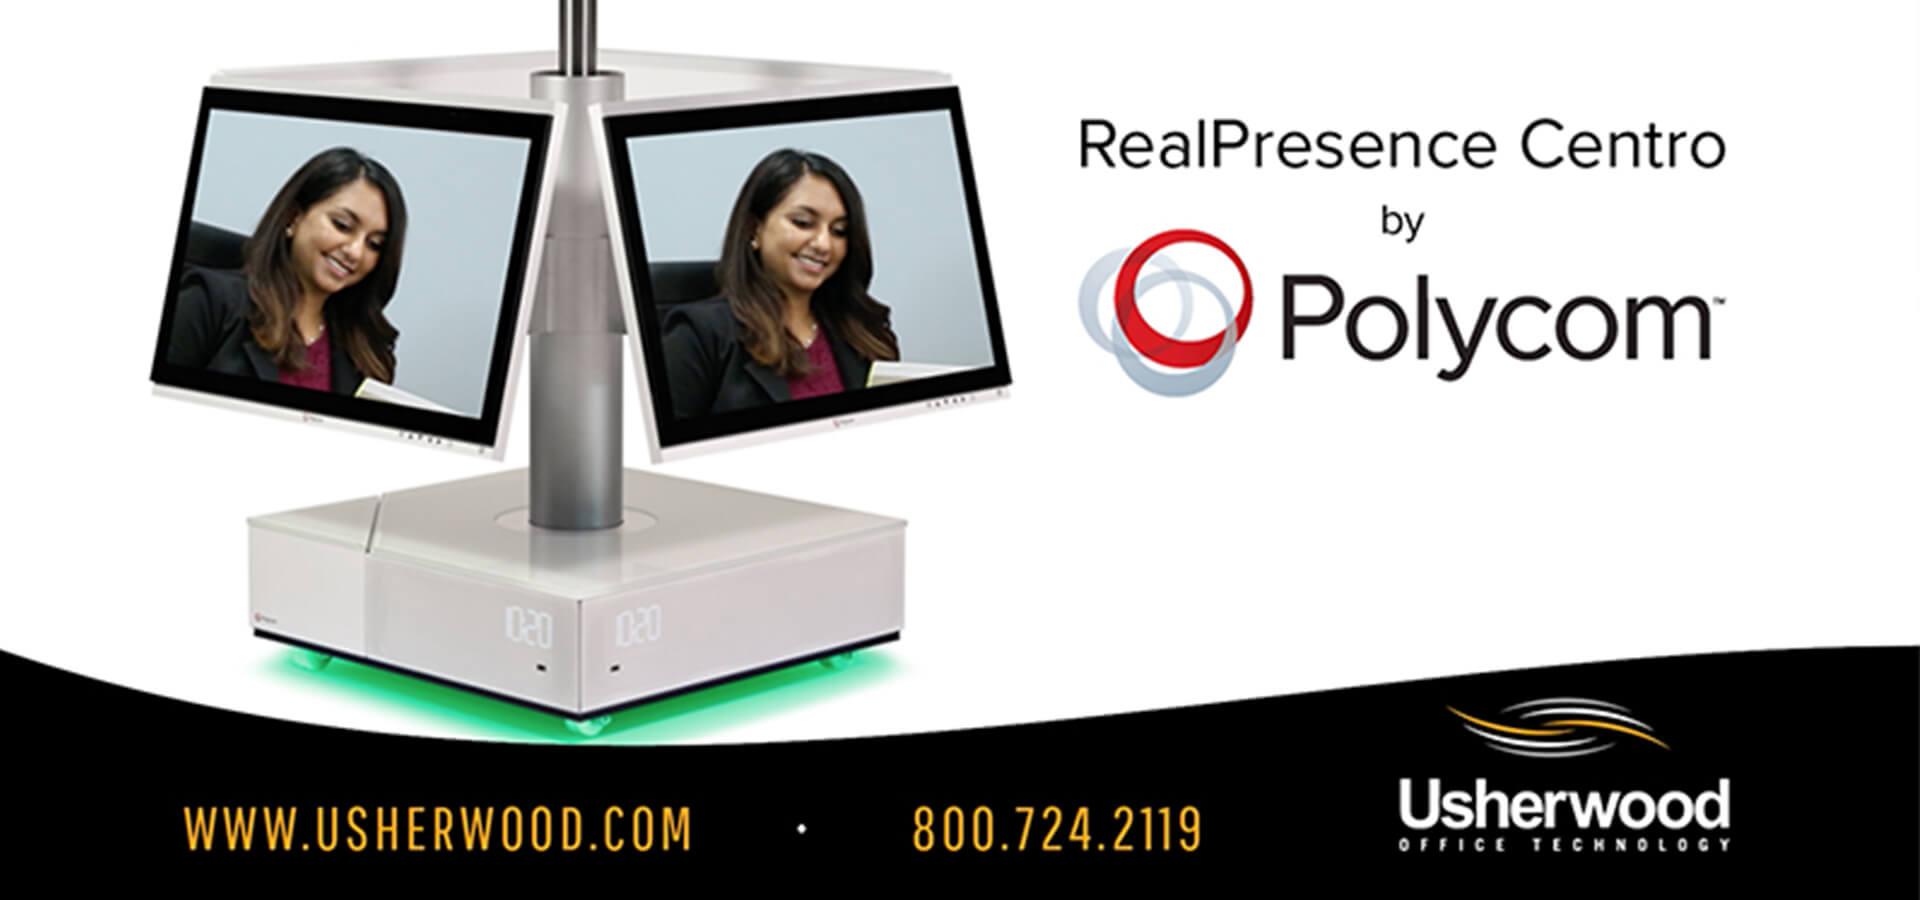 Usherwood Office Technology RealPresence Centro by Polycom Video